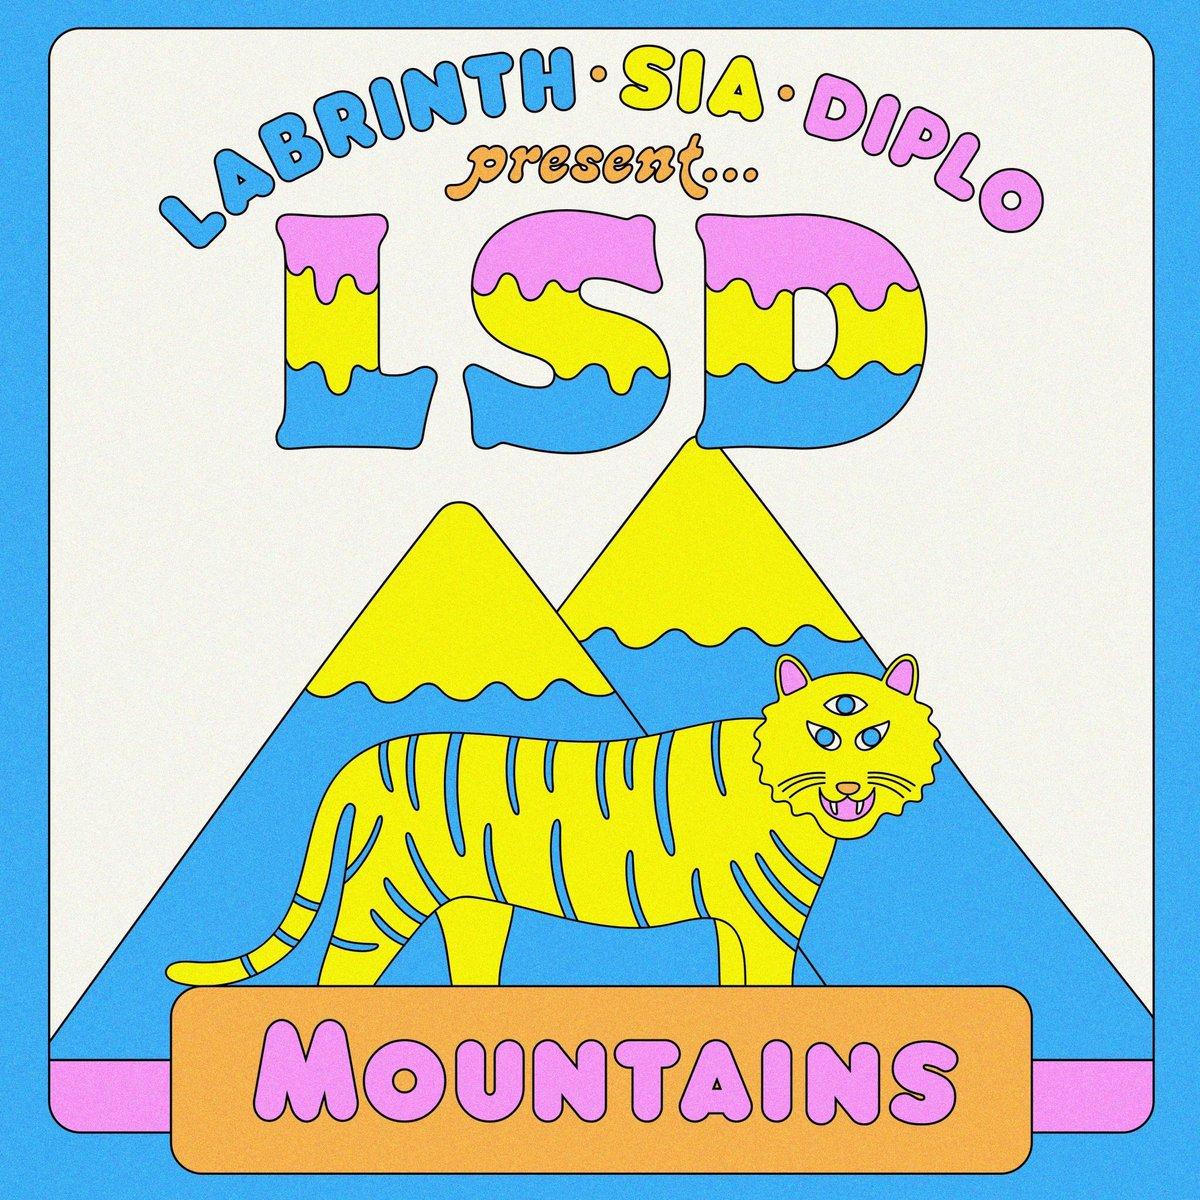 lsd mountains